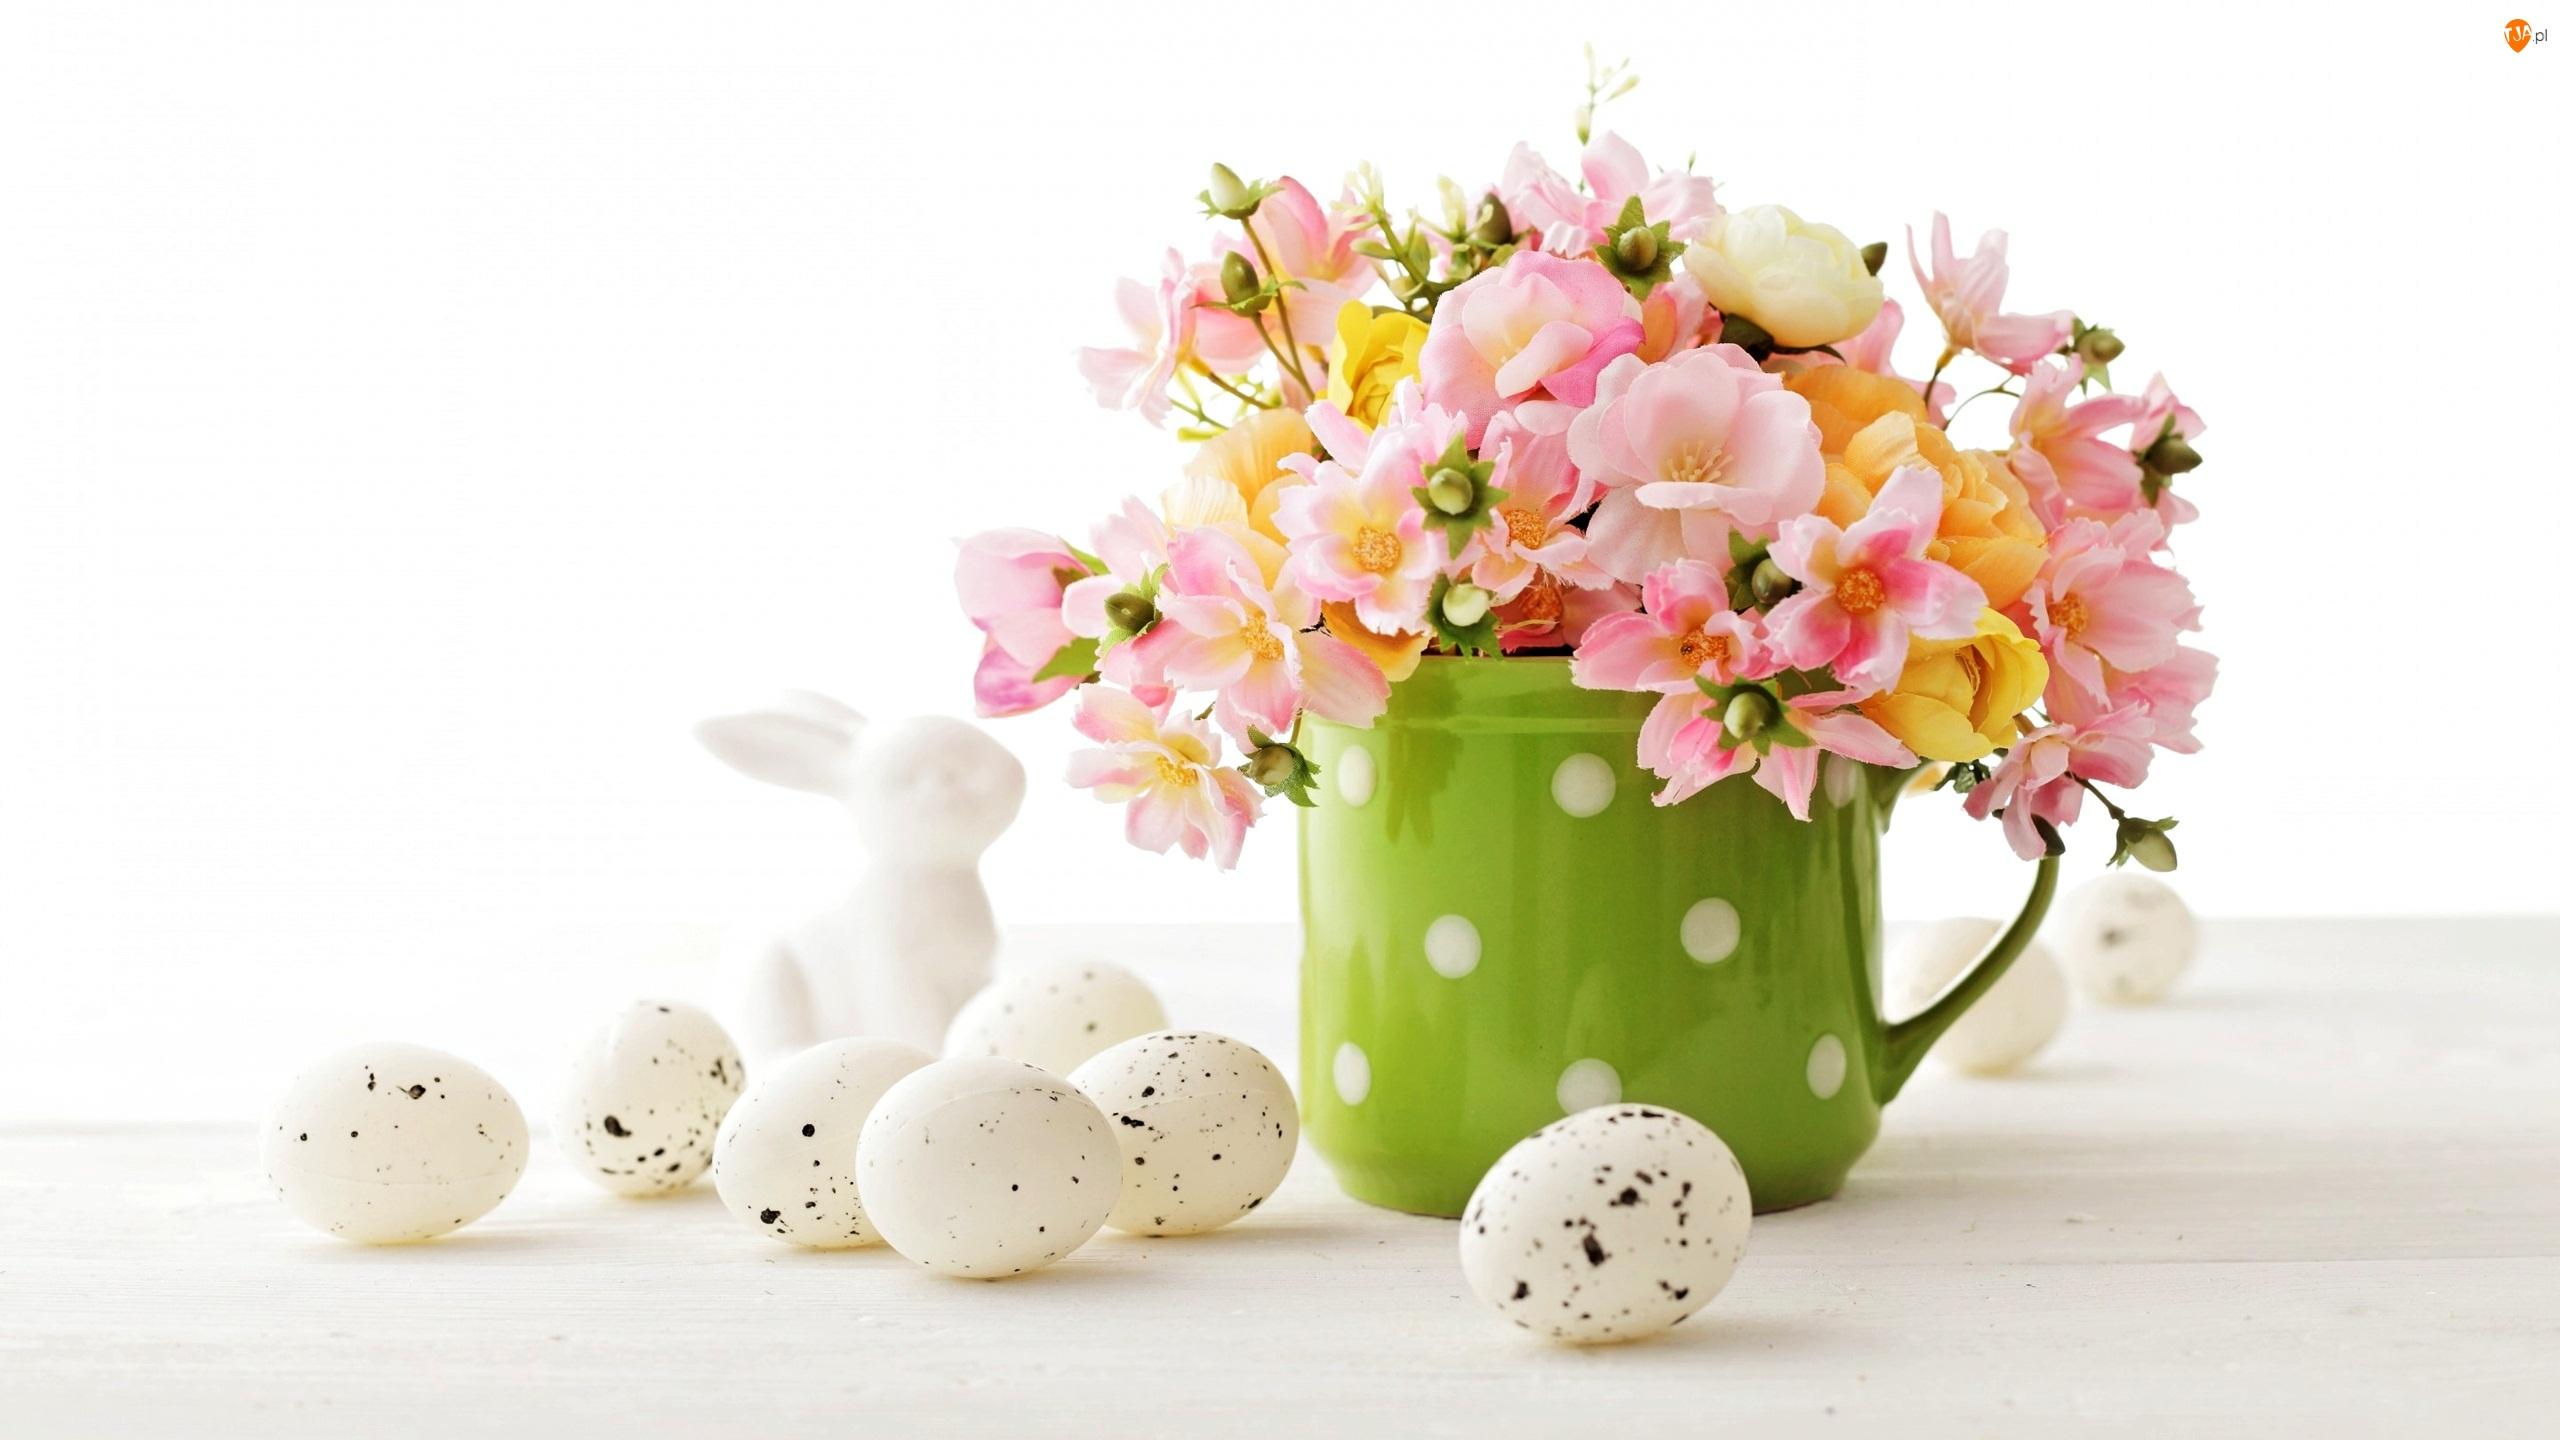 Bukiet, Kwiaty, Zajączek, Wielkanoc, Jajeczka, Kubek, Zielony